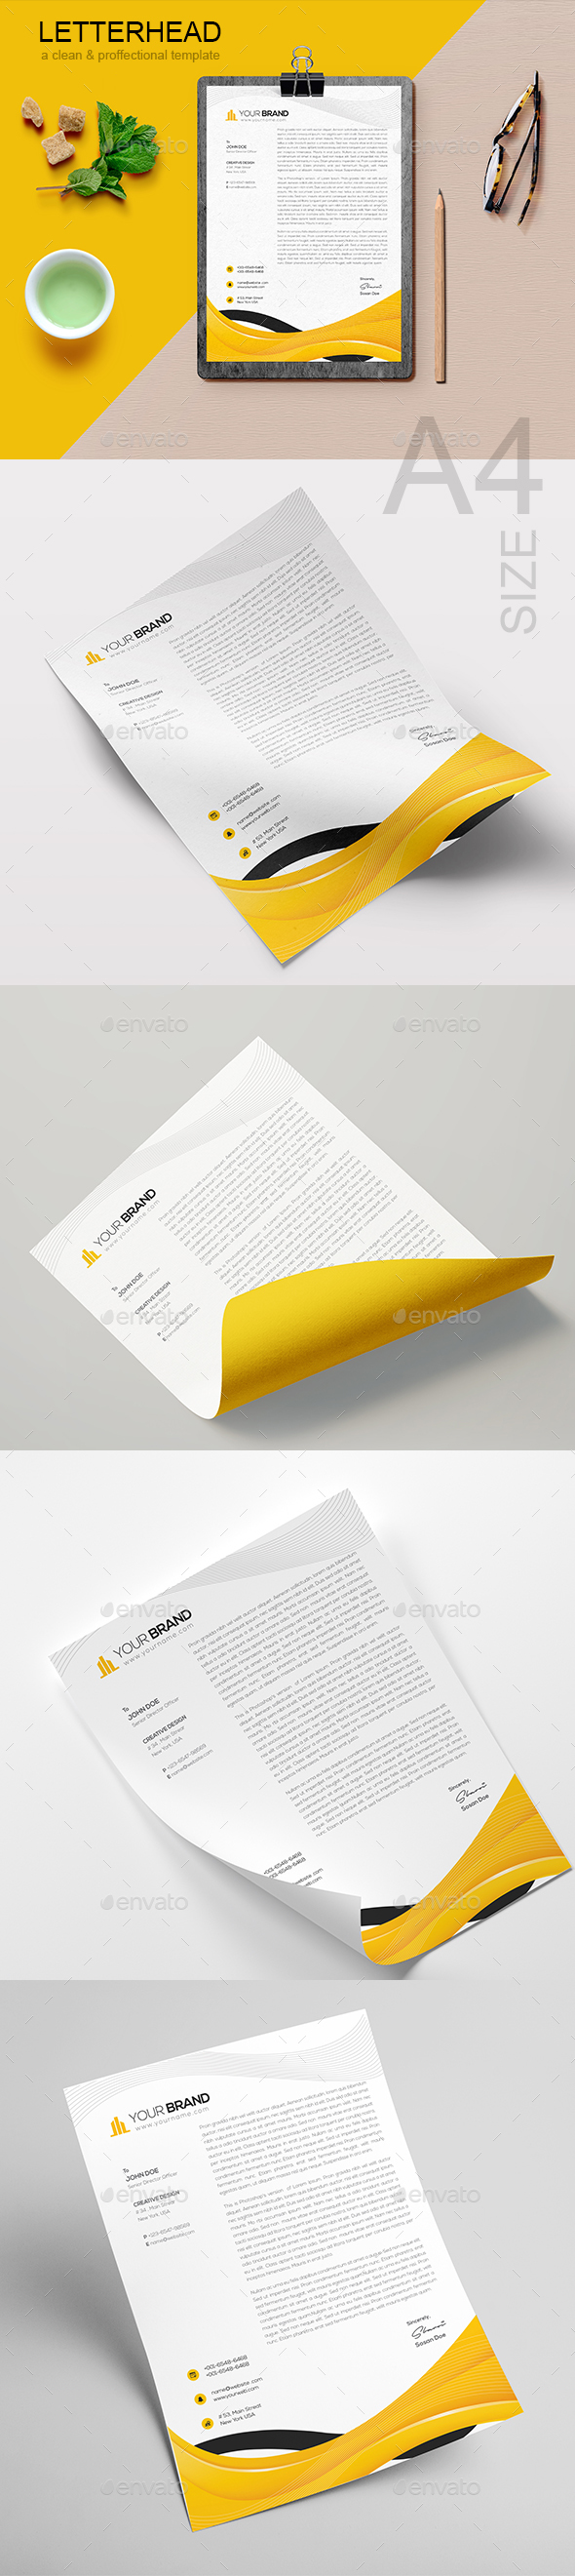 GraphicRiver Letterhead 21161910